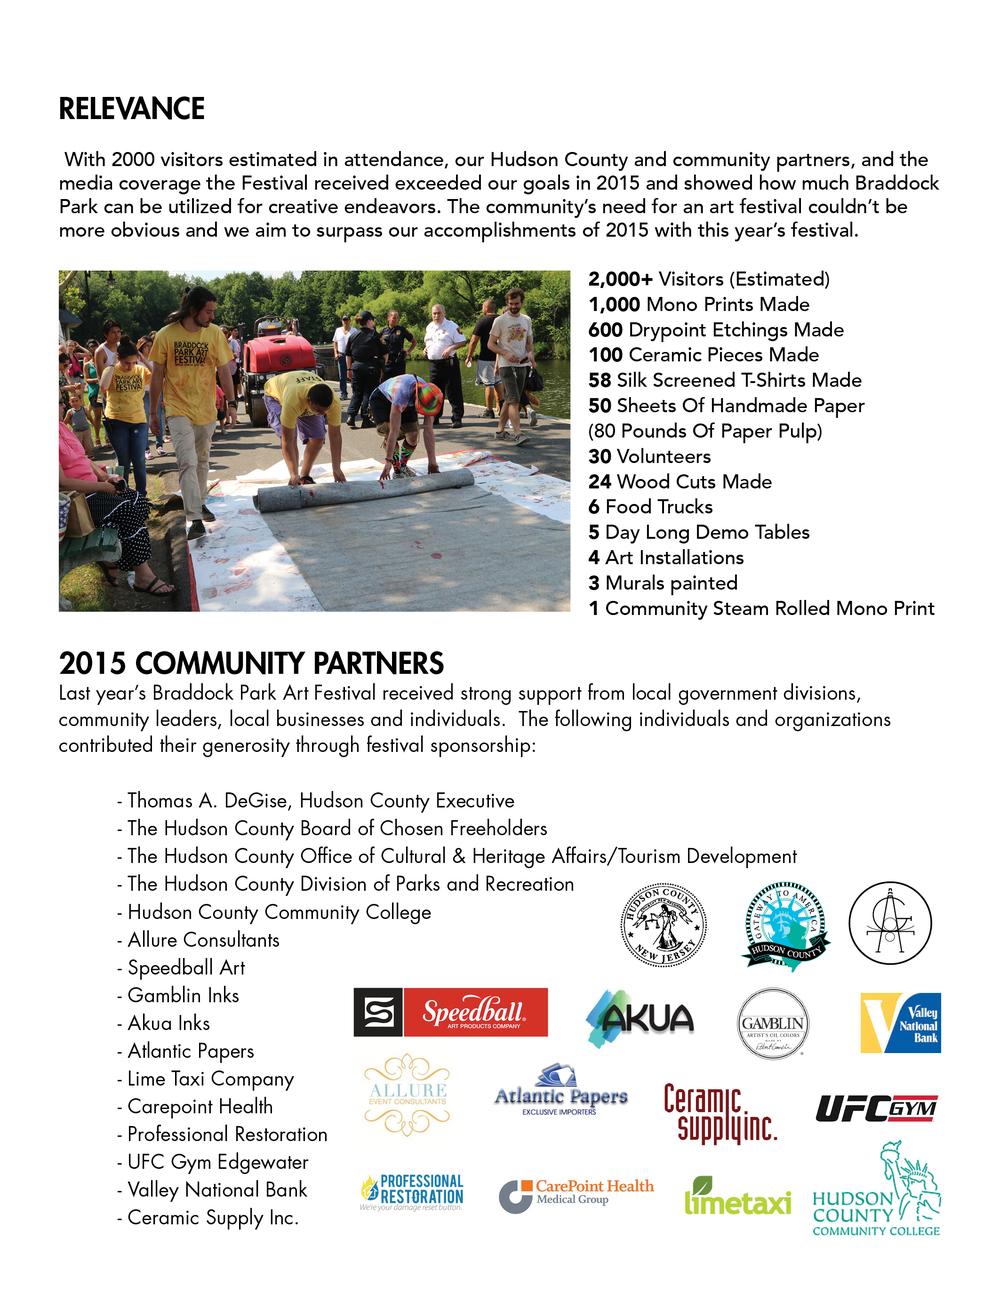 BPAF2016 Corporate Sponsorship Final3.jpg